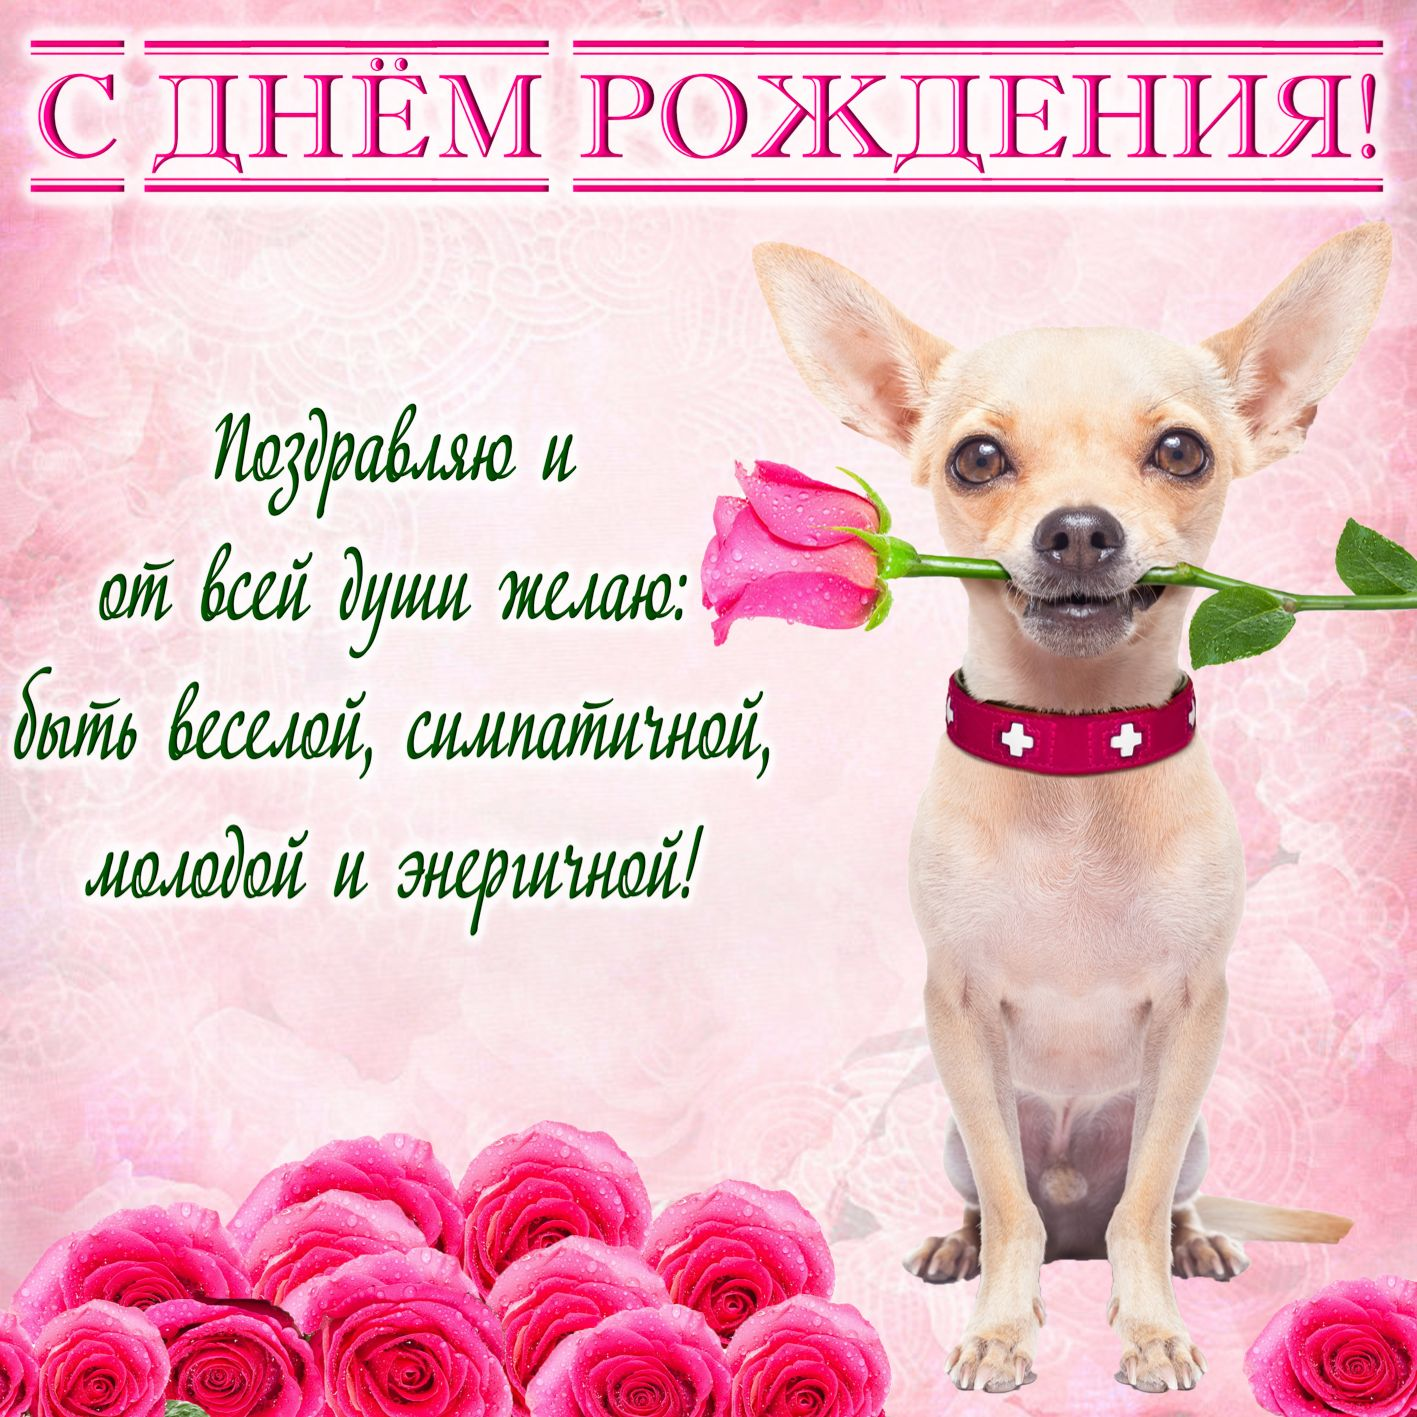 Кому дарить цветы на юбилее мужчины